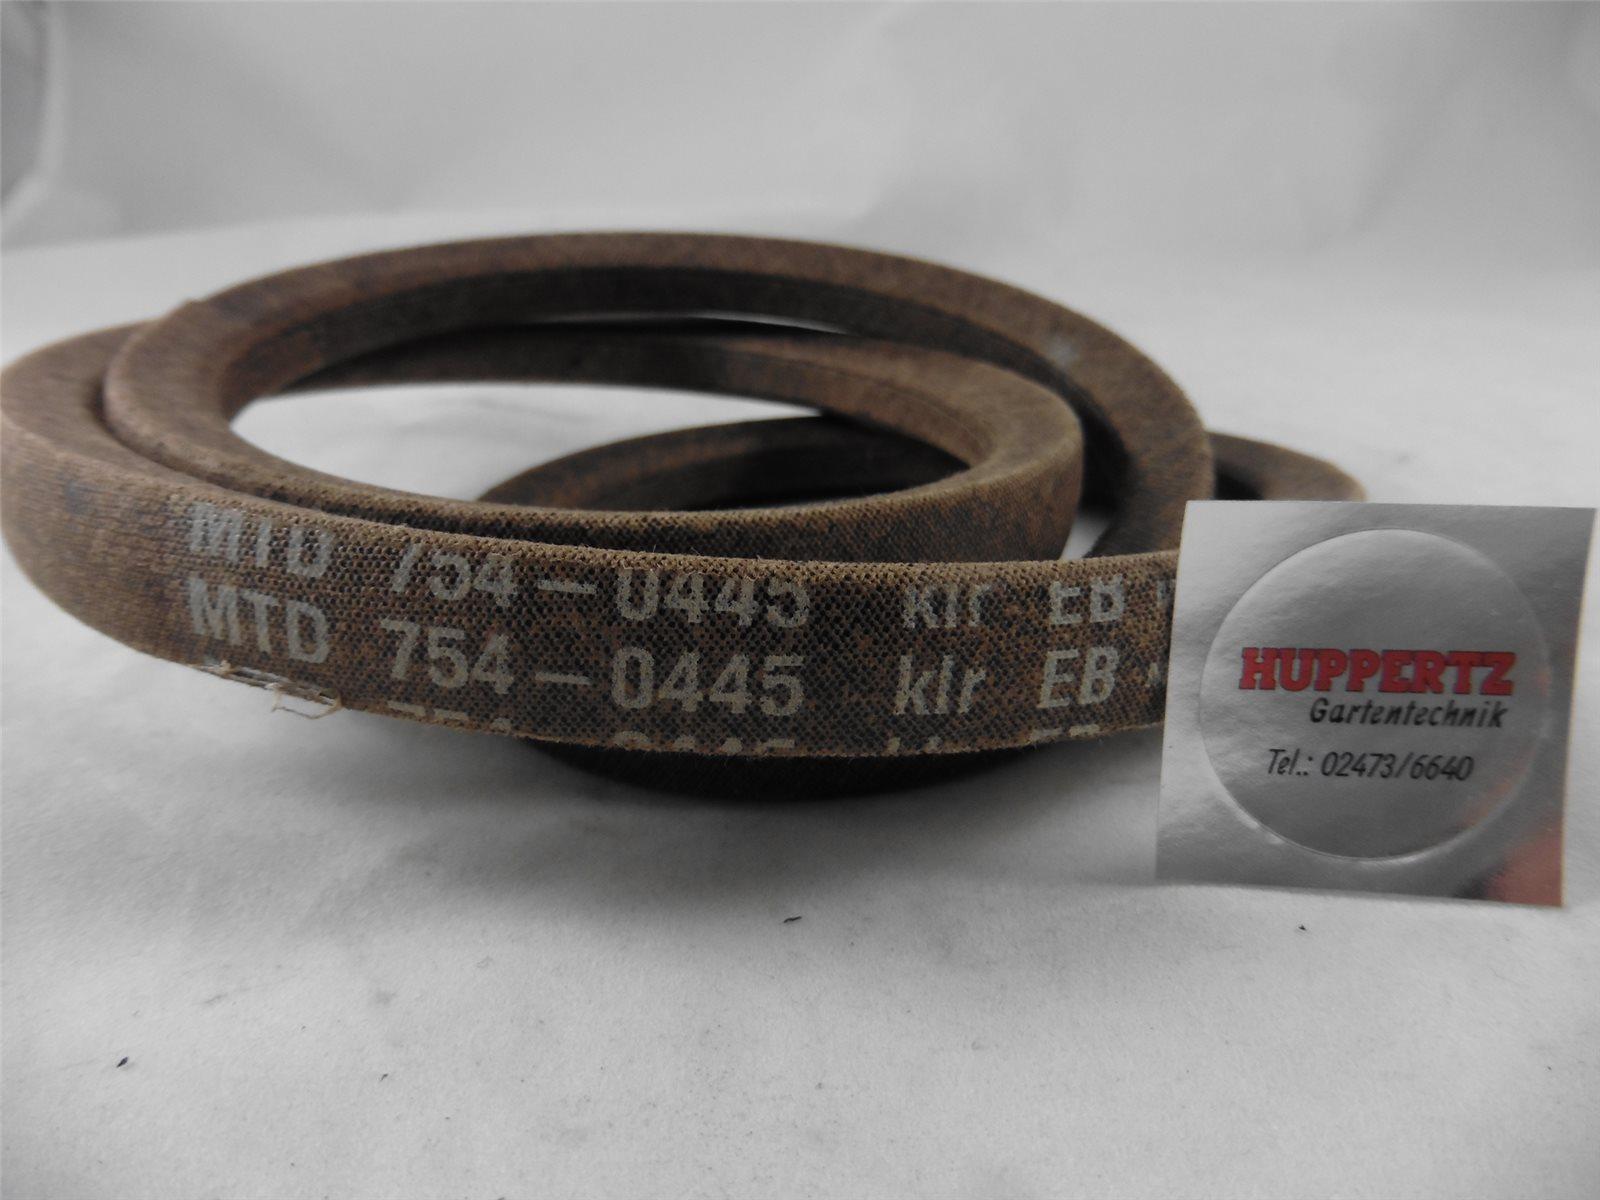 Mähwer 1998 Keilriemen für MTD 125-76 13BL452C659